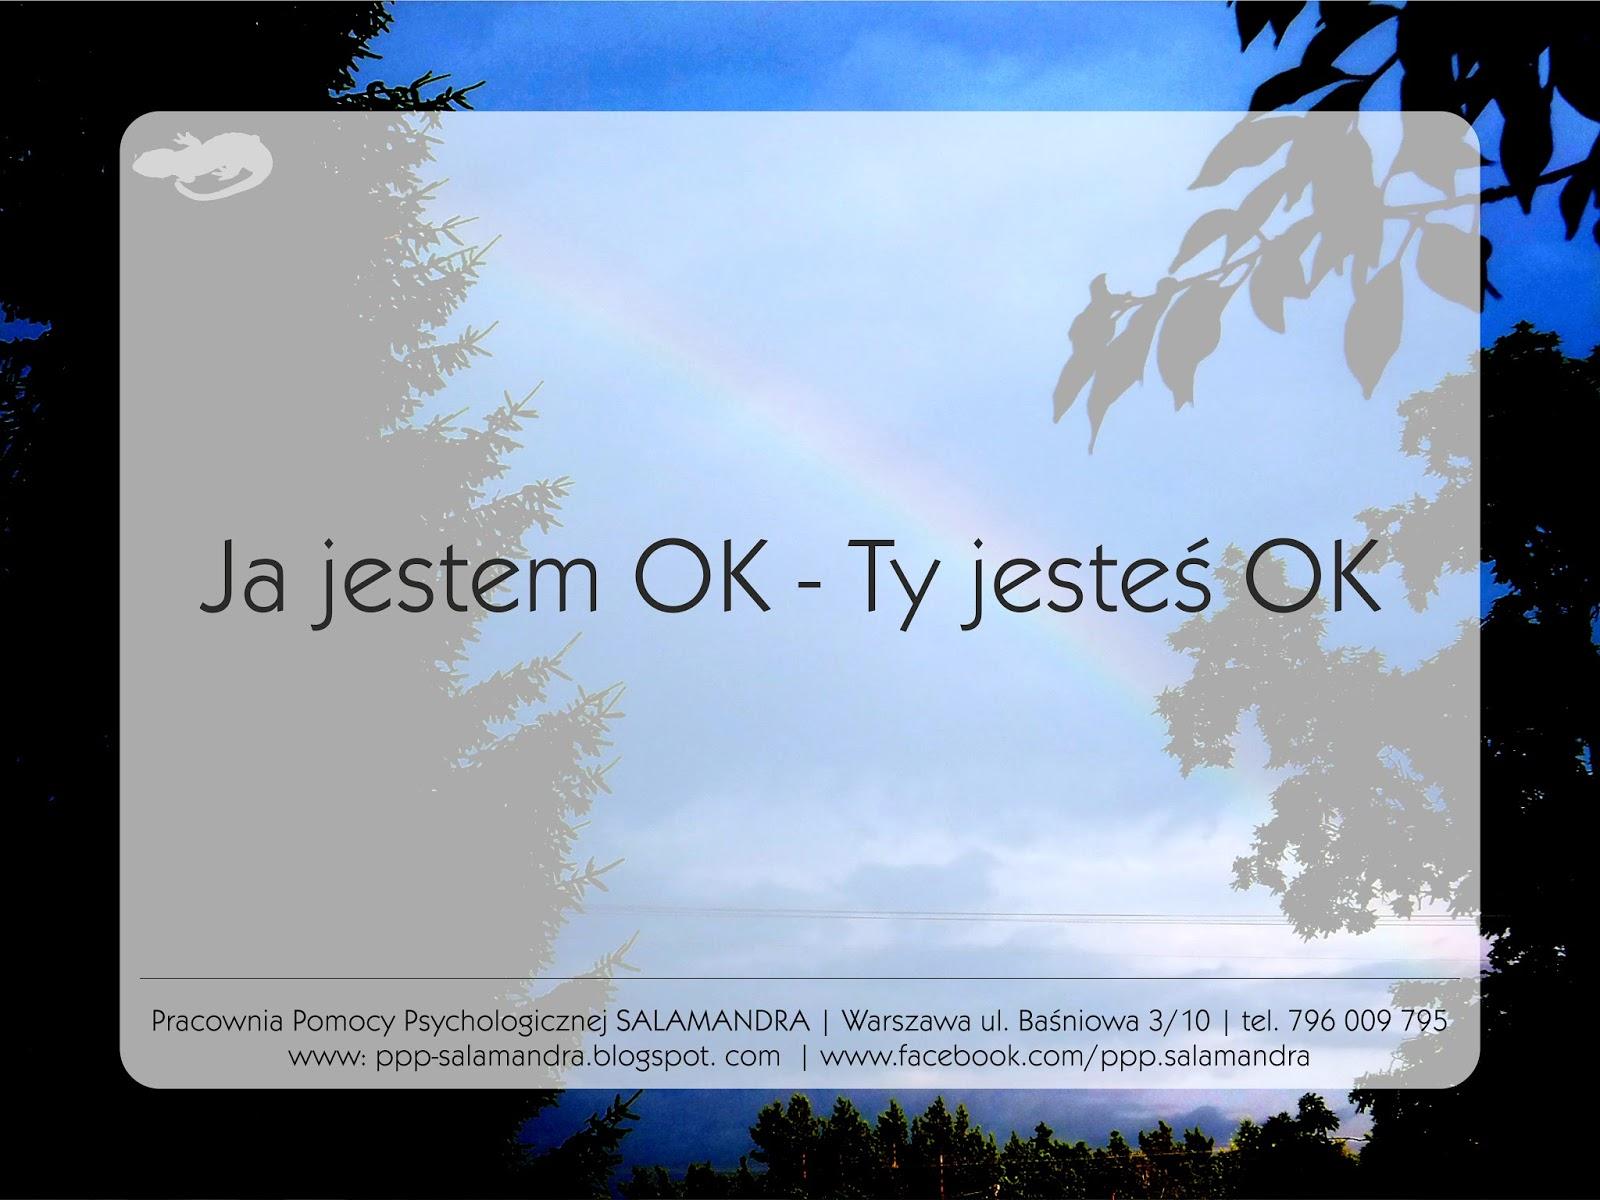 Ja jestem OK - ty jesteś OK czyli...